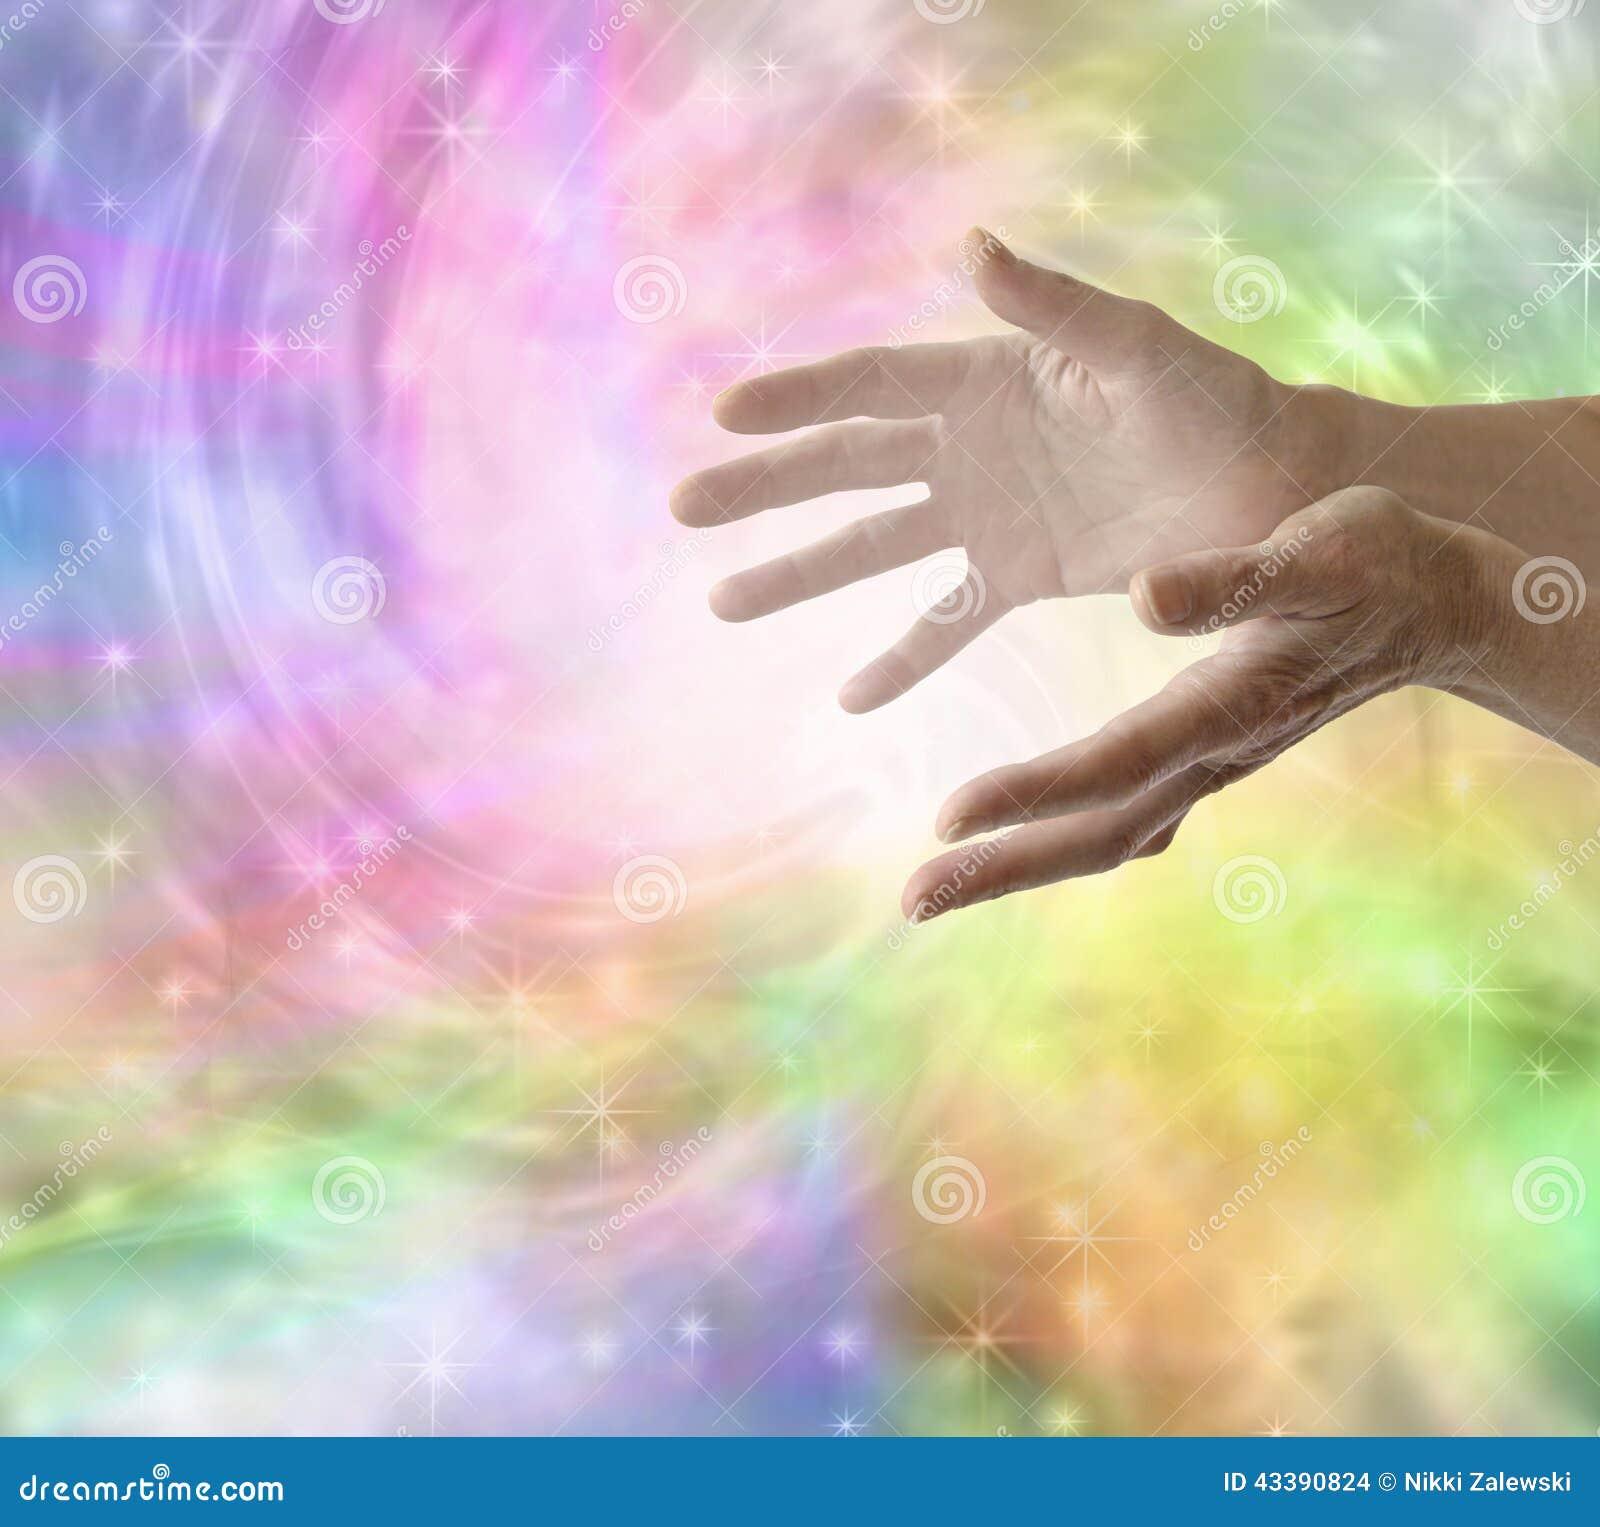 Healing hand symbol celtic mythology healing hand symbol buycottarizona Image collections